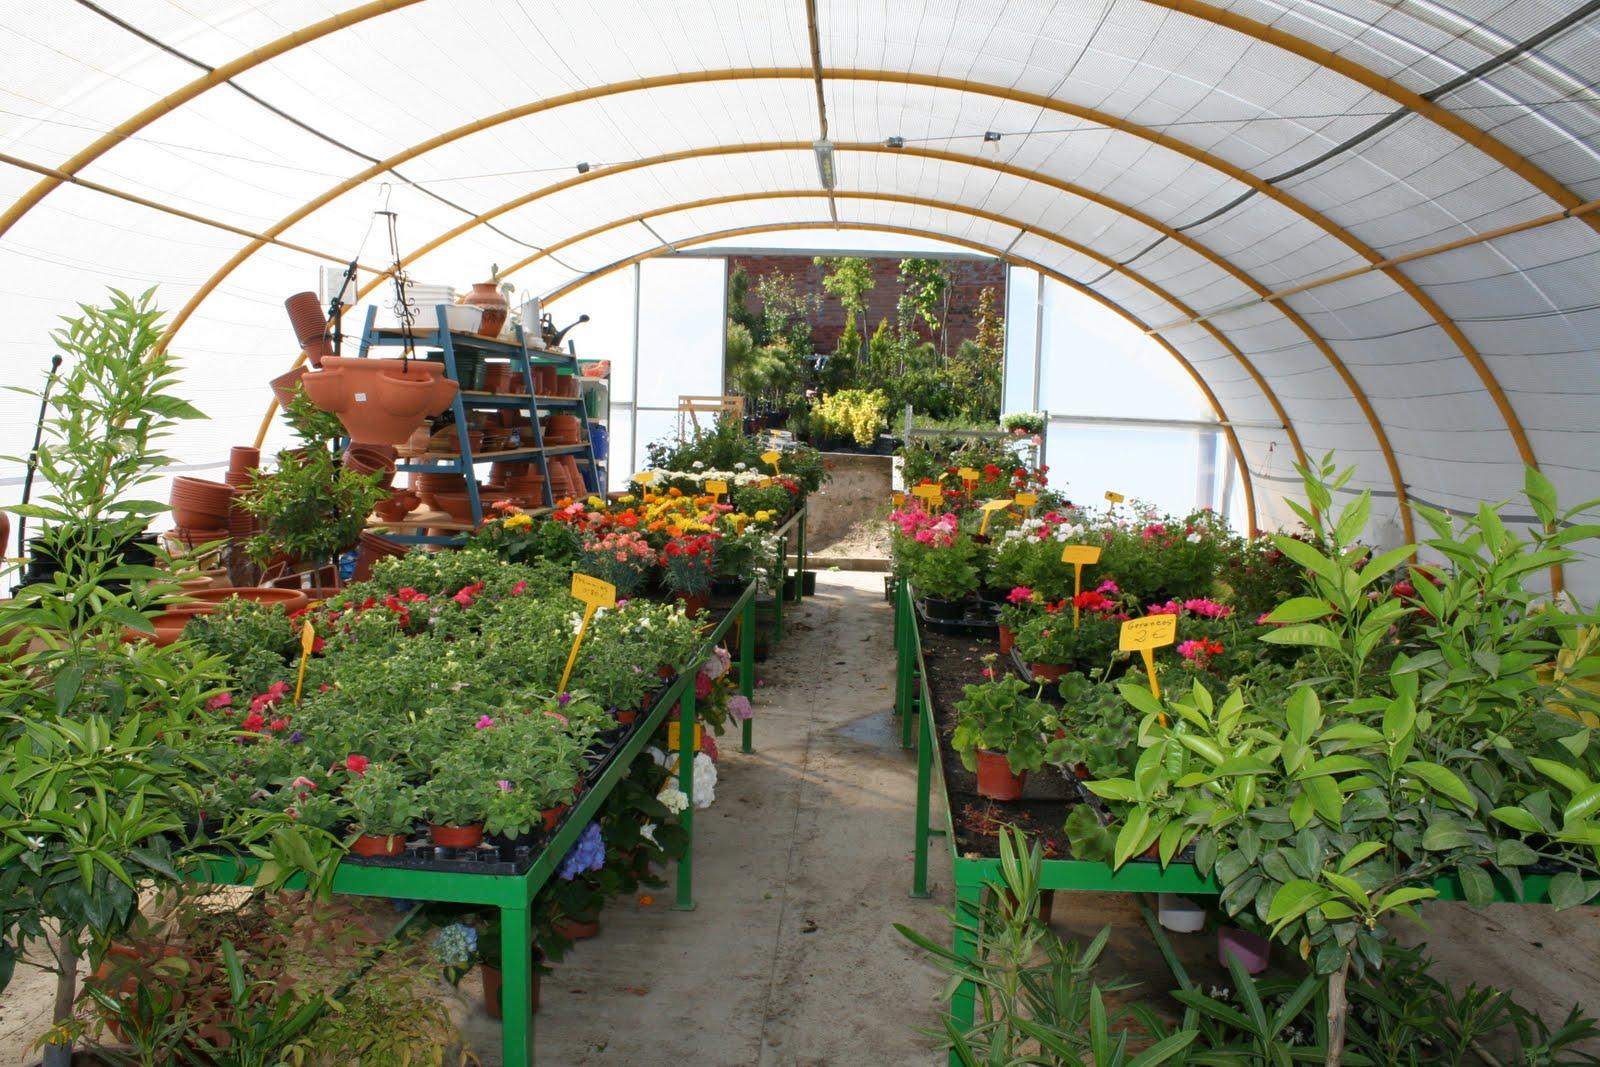 Vivero abel flores y horticultura for Viveros y jardines